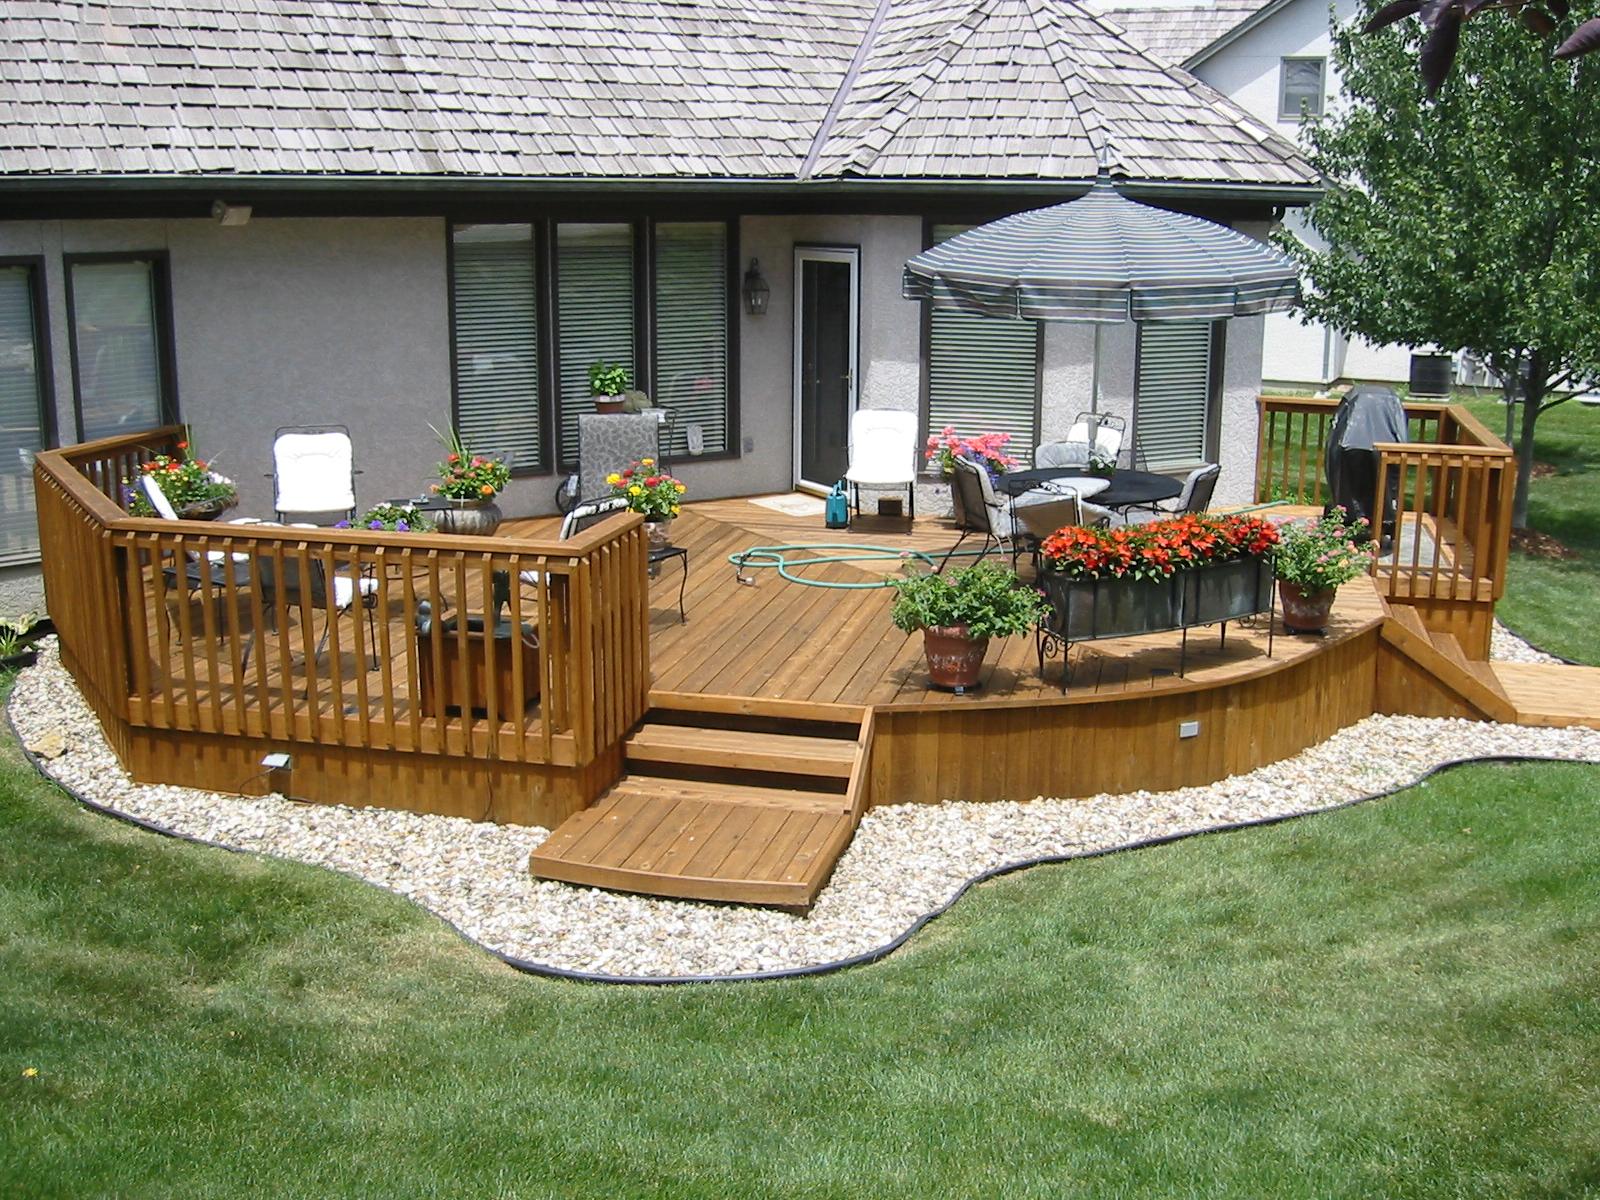 Wooden Deck Backyard